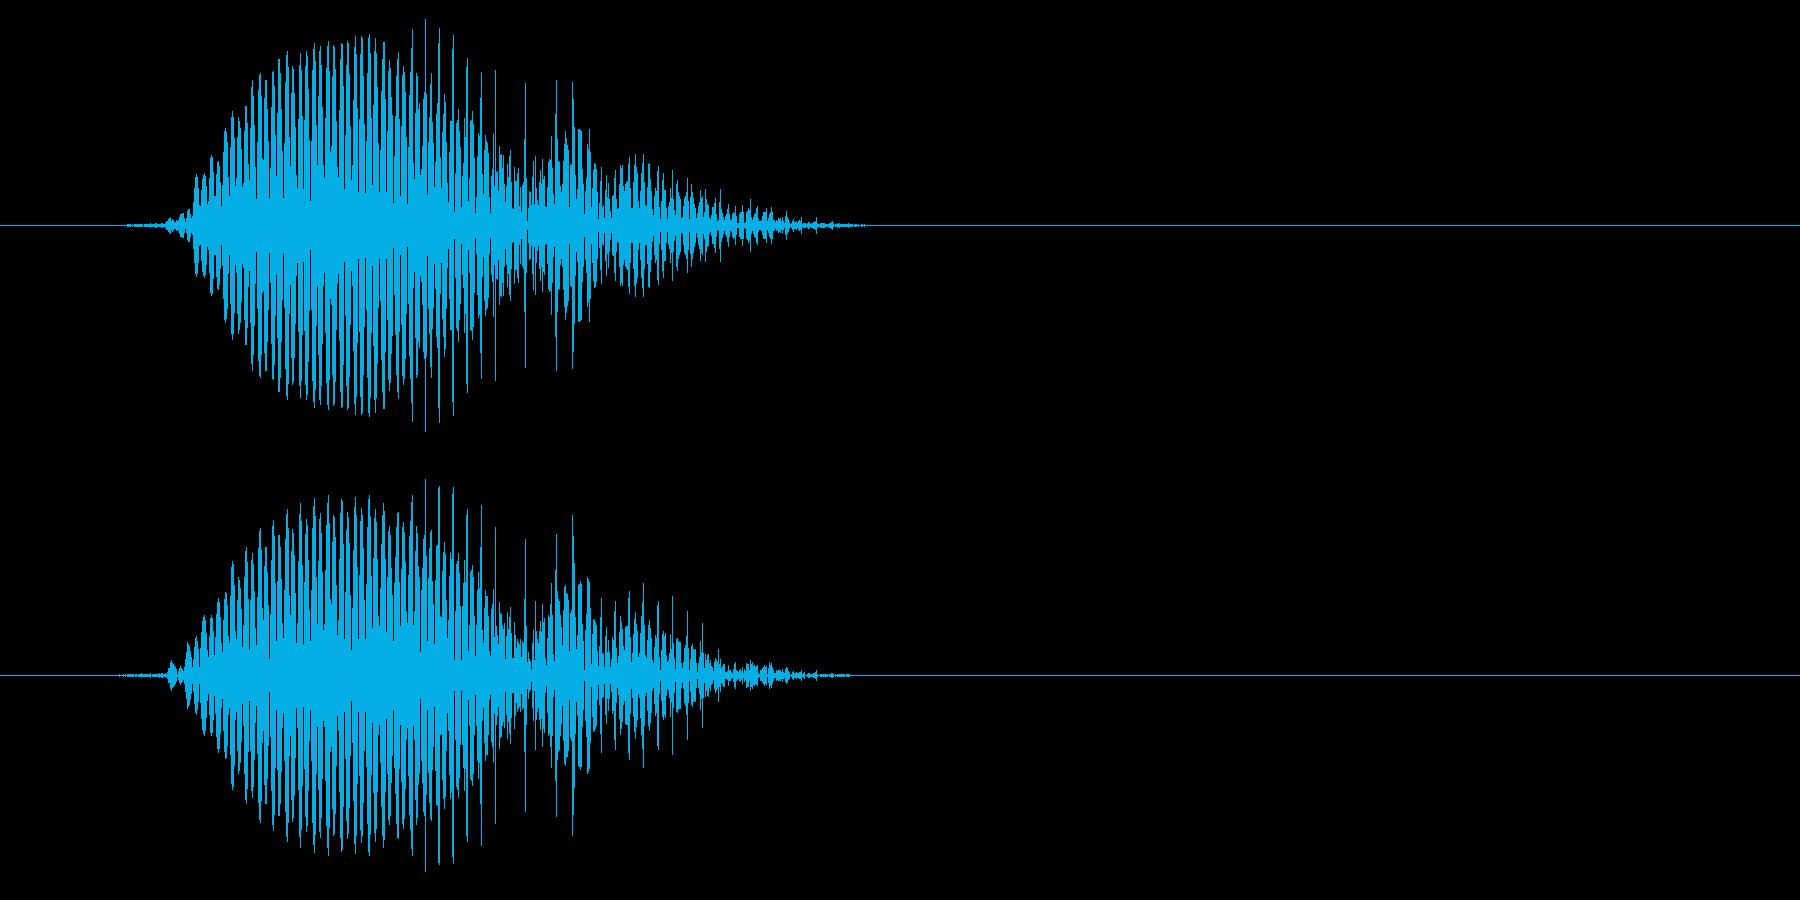 ペッ!(鳥の鳴き声の様な短い音)の再生済みの波形